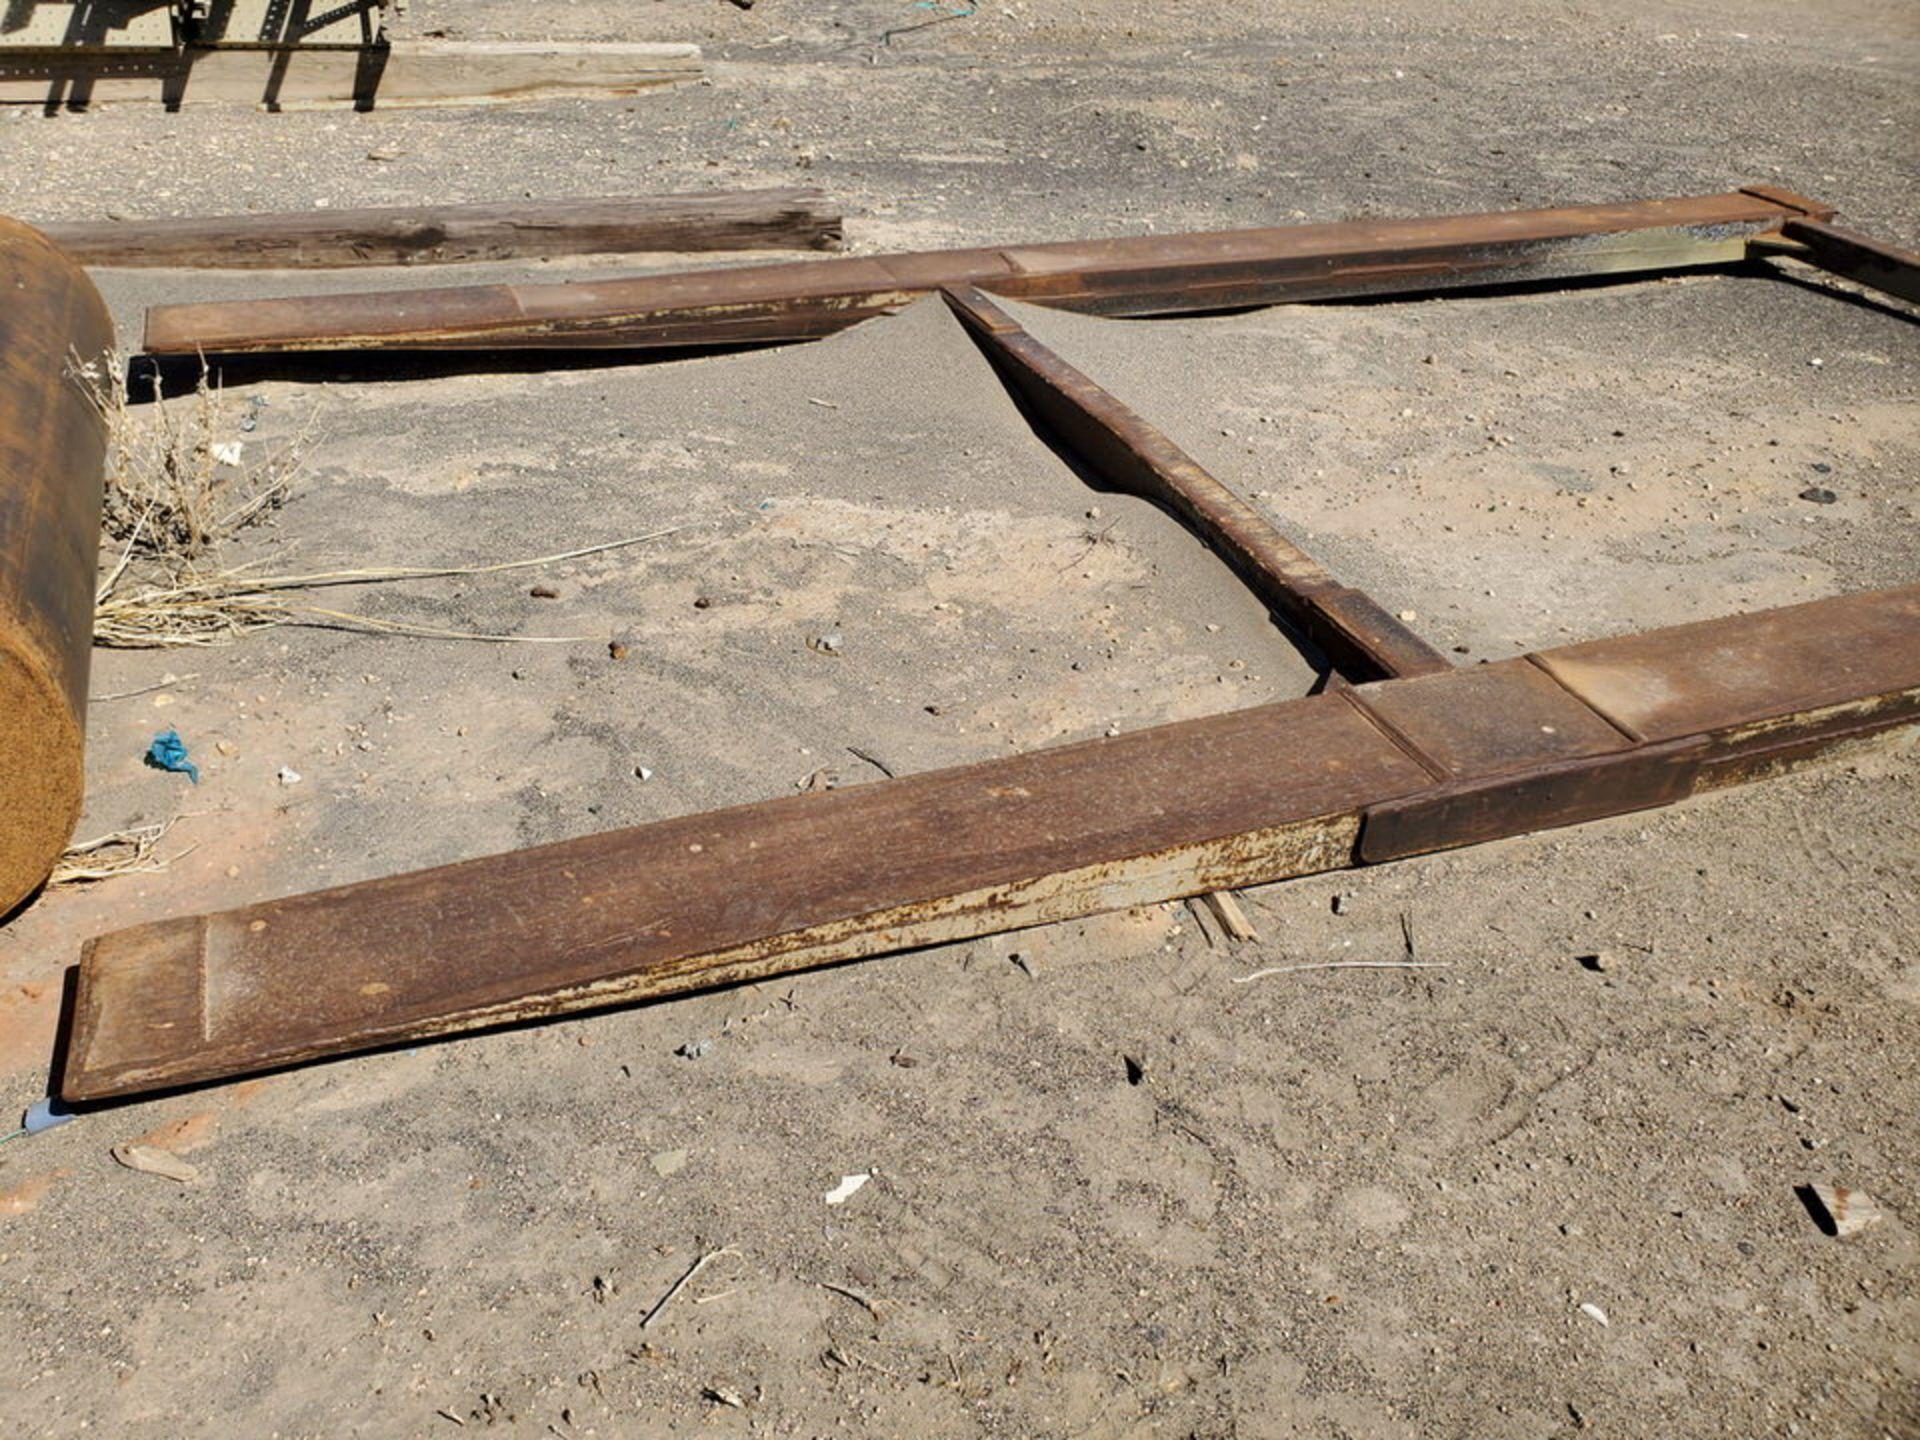 """Forklift Attechment 15'8"""" x 7'11"""", 9-1/2"""" Forks I.D. - Image 6 of 8"""